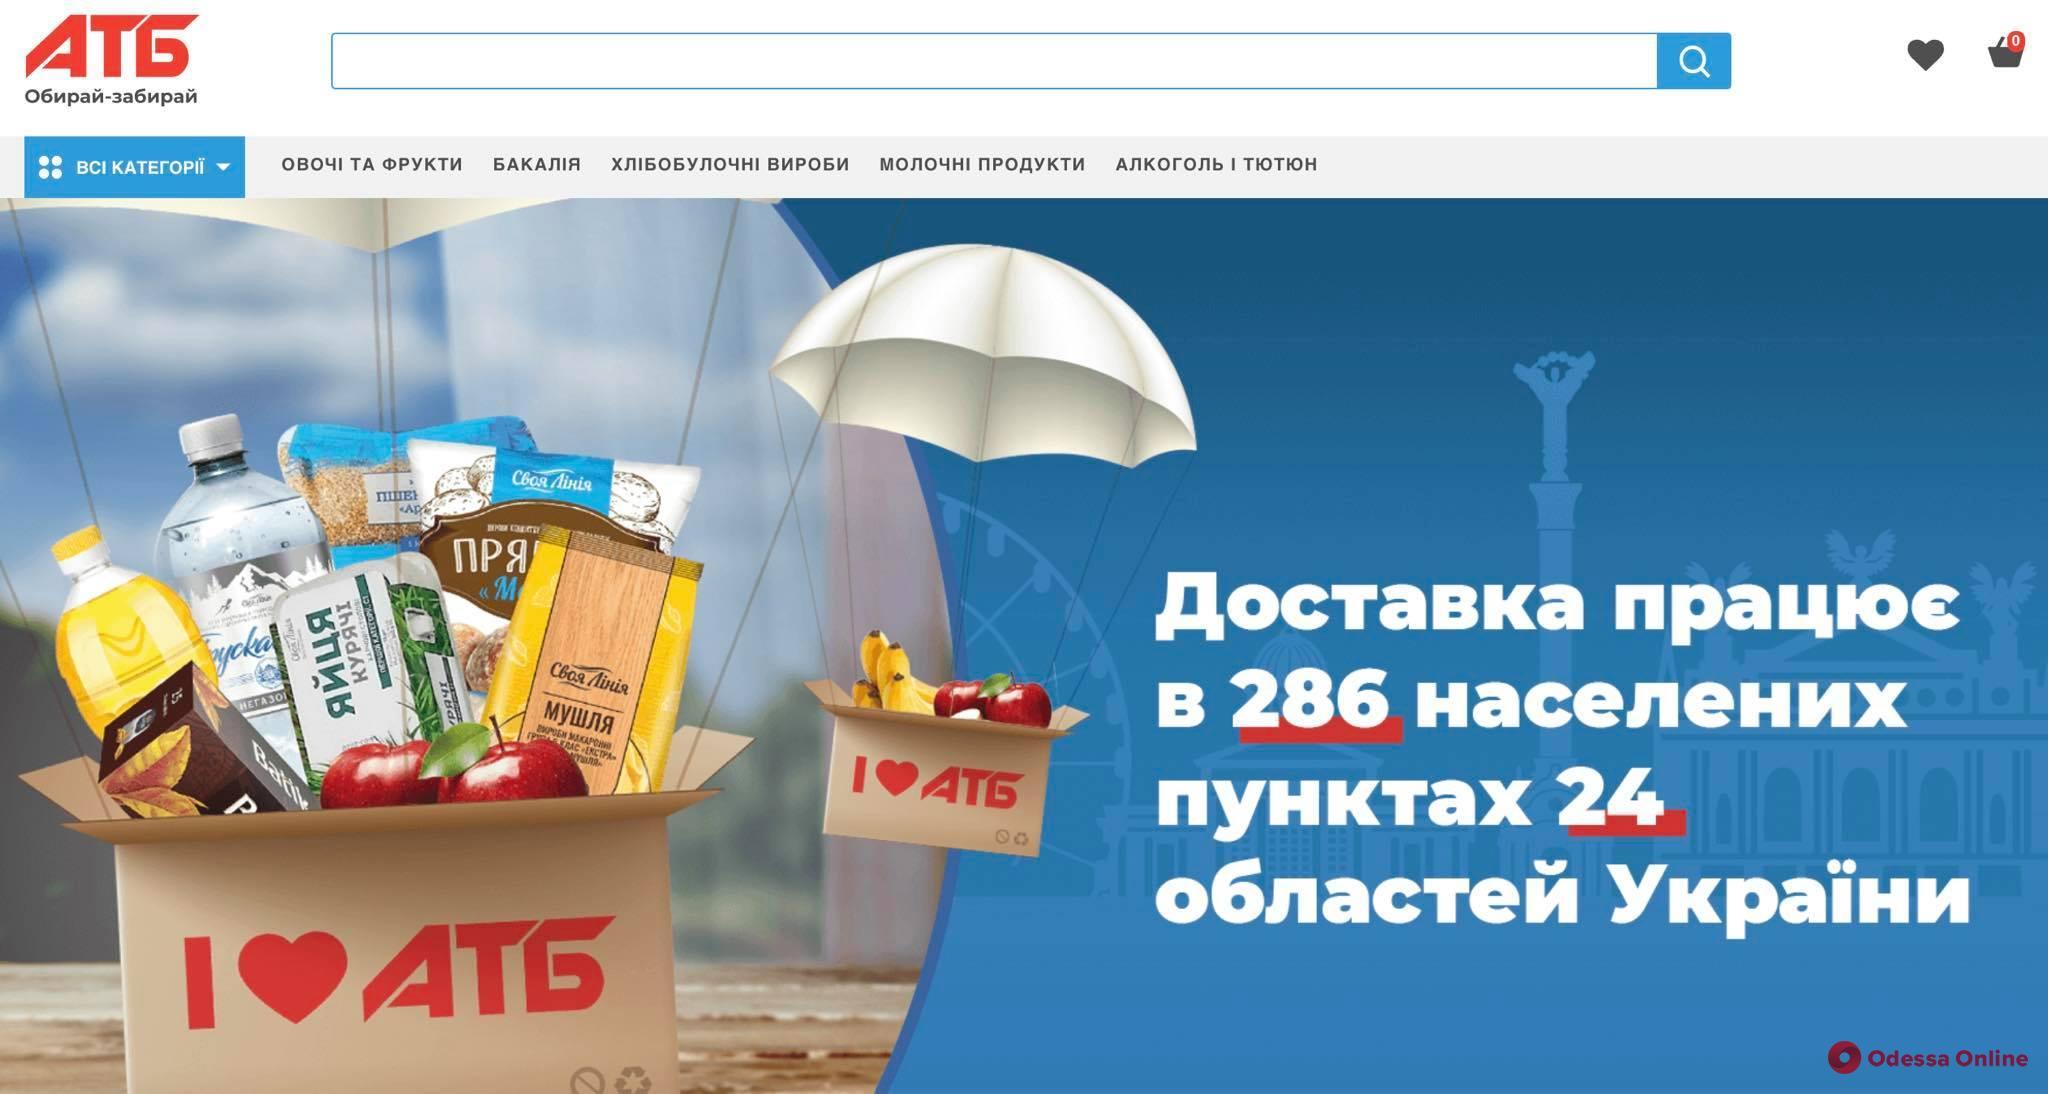 Значение первого в стране продуктового интернет-магазина «АТБ» для Одессы и одесситов